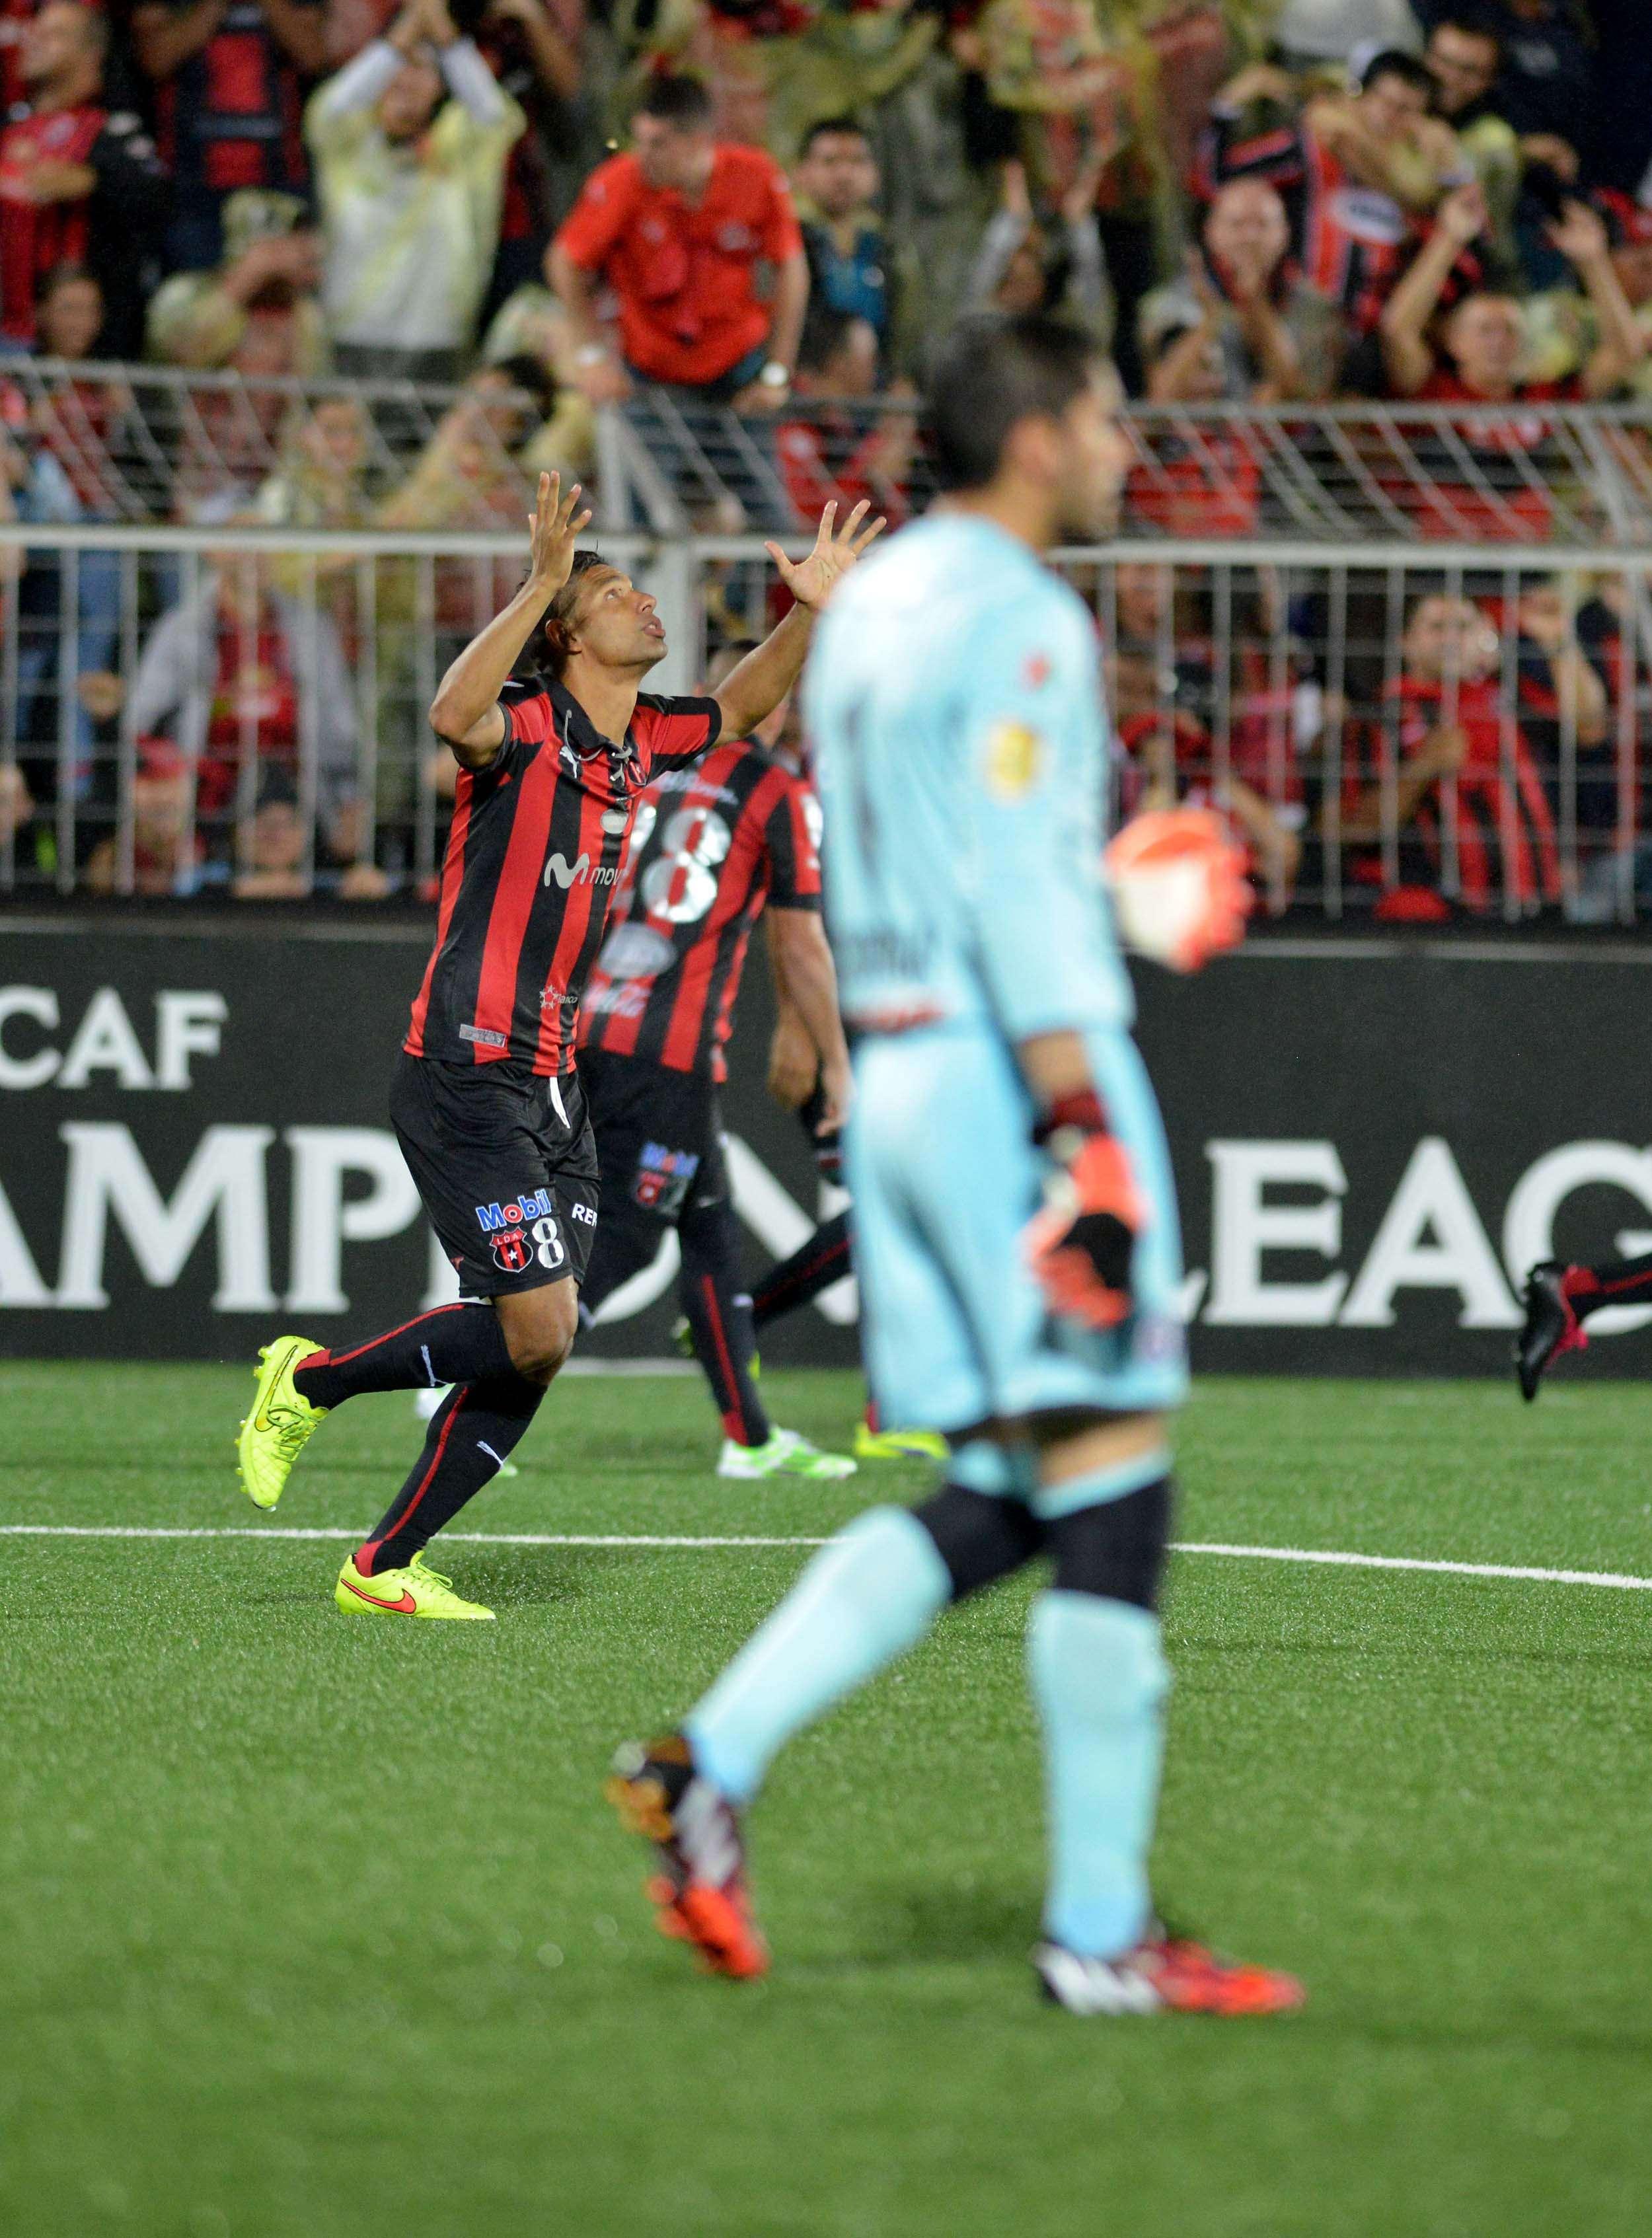 El Alajuelense de Costa Rica ahora eliminó a Cruz Azul de la Concacaf. Foto: AFP